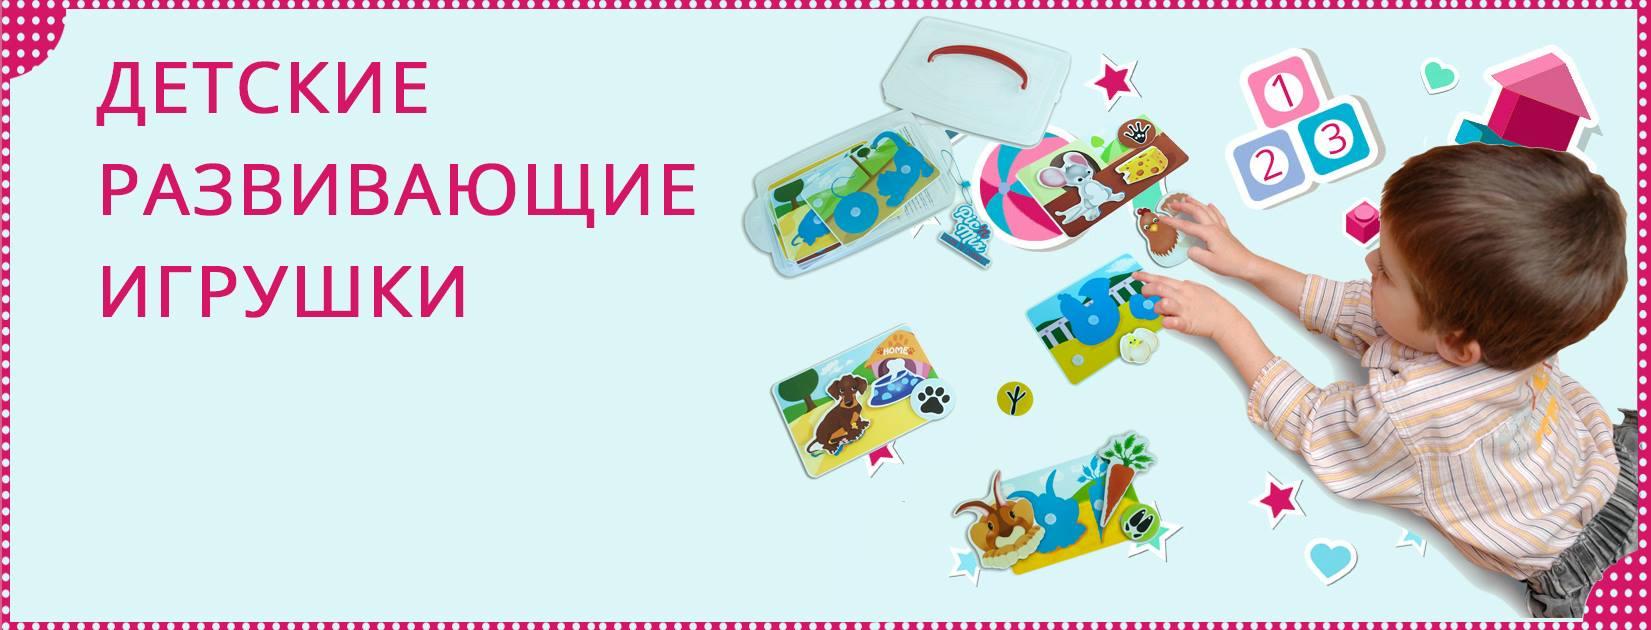 Picn Mix - умные липучки. Развивающие игрушки для детей от 6 мес.от ведущего российского производителя